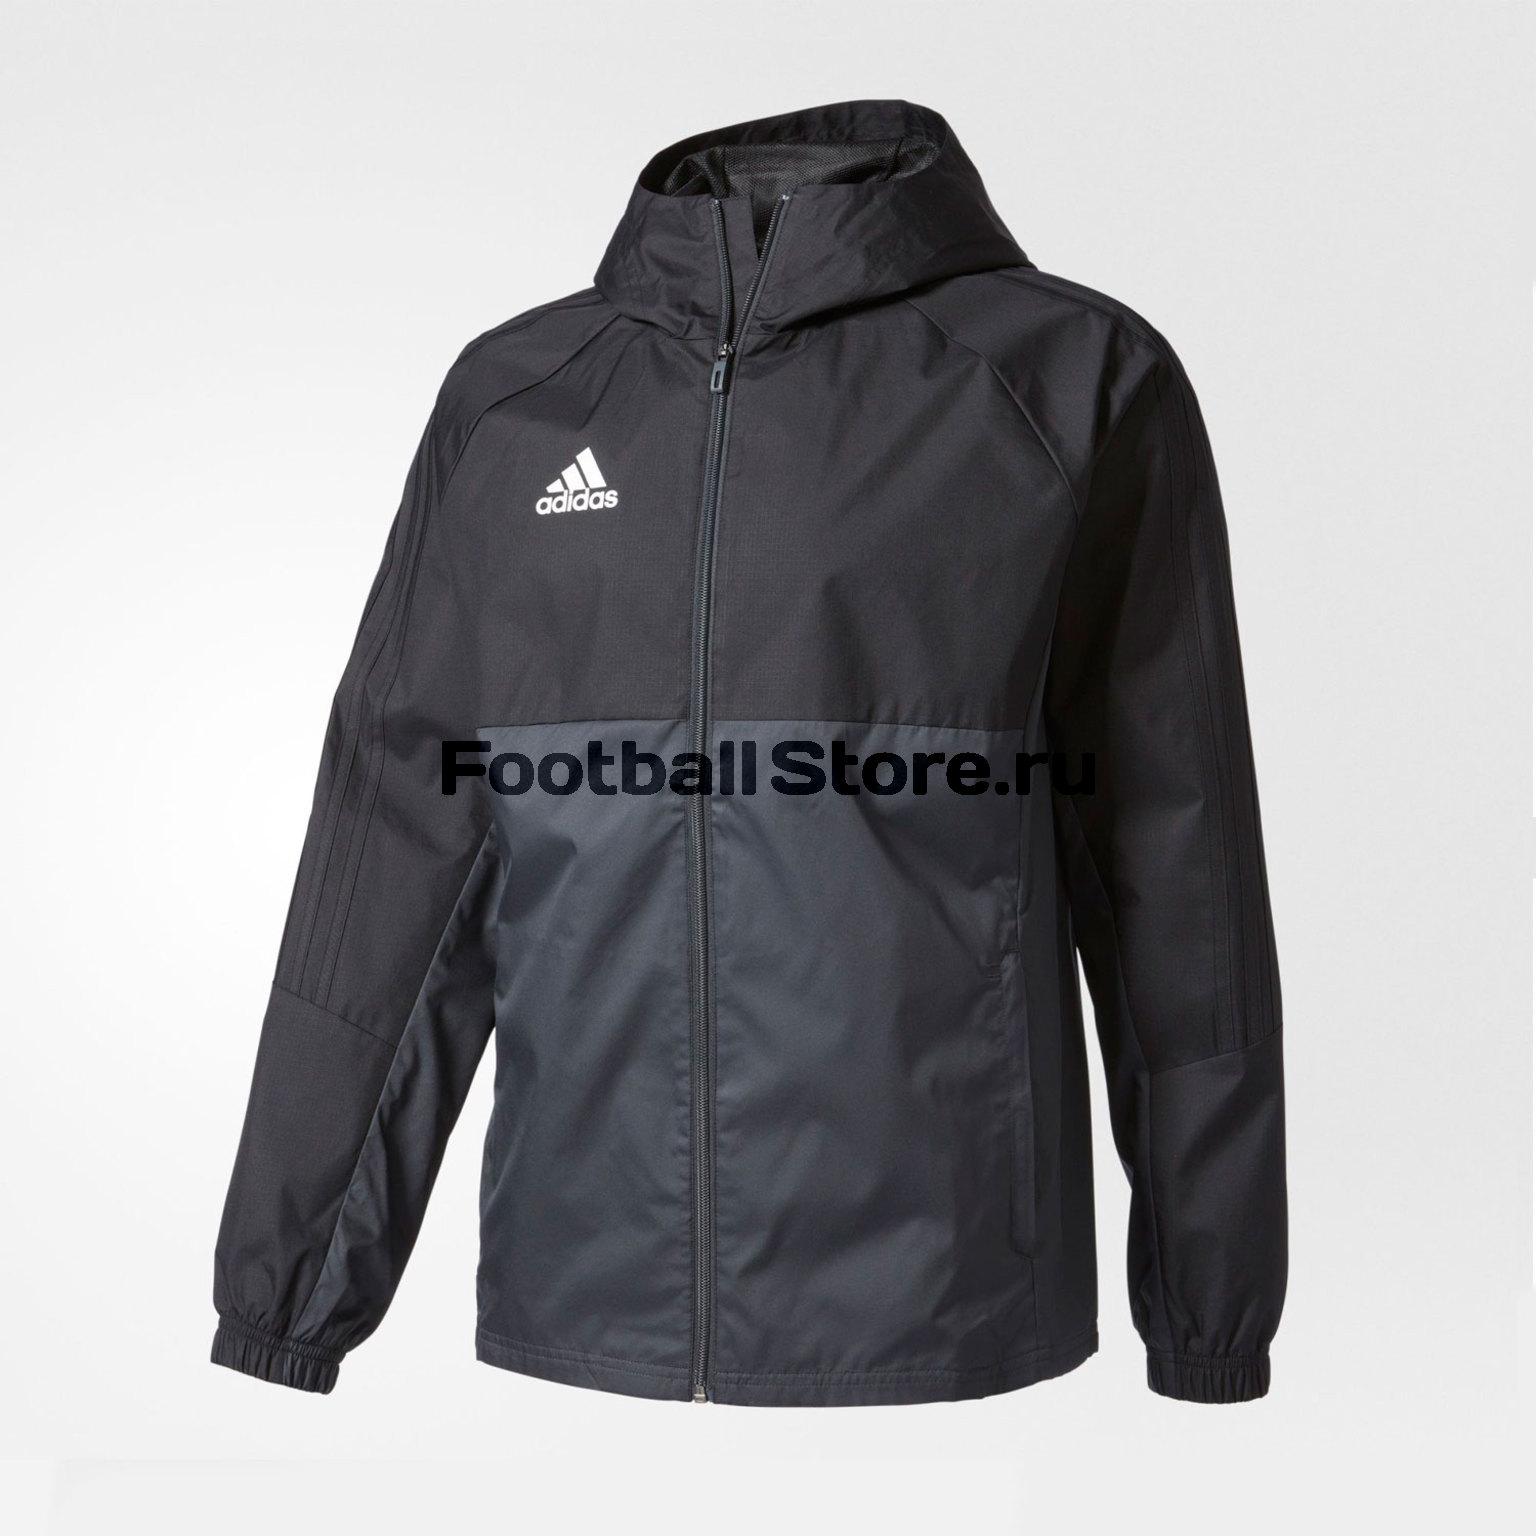 Ветровка Adidas Tiro17 RN JKT AY2889 брюки adidas брюки тренировочные adidas tiro17 rn pnt ay2896